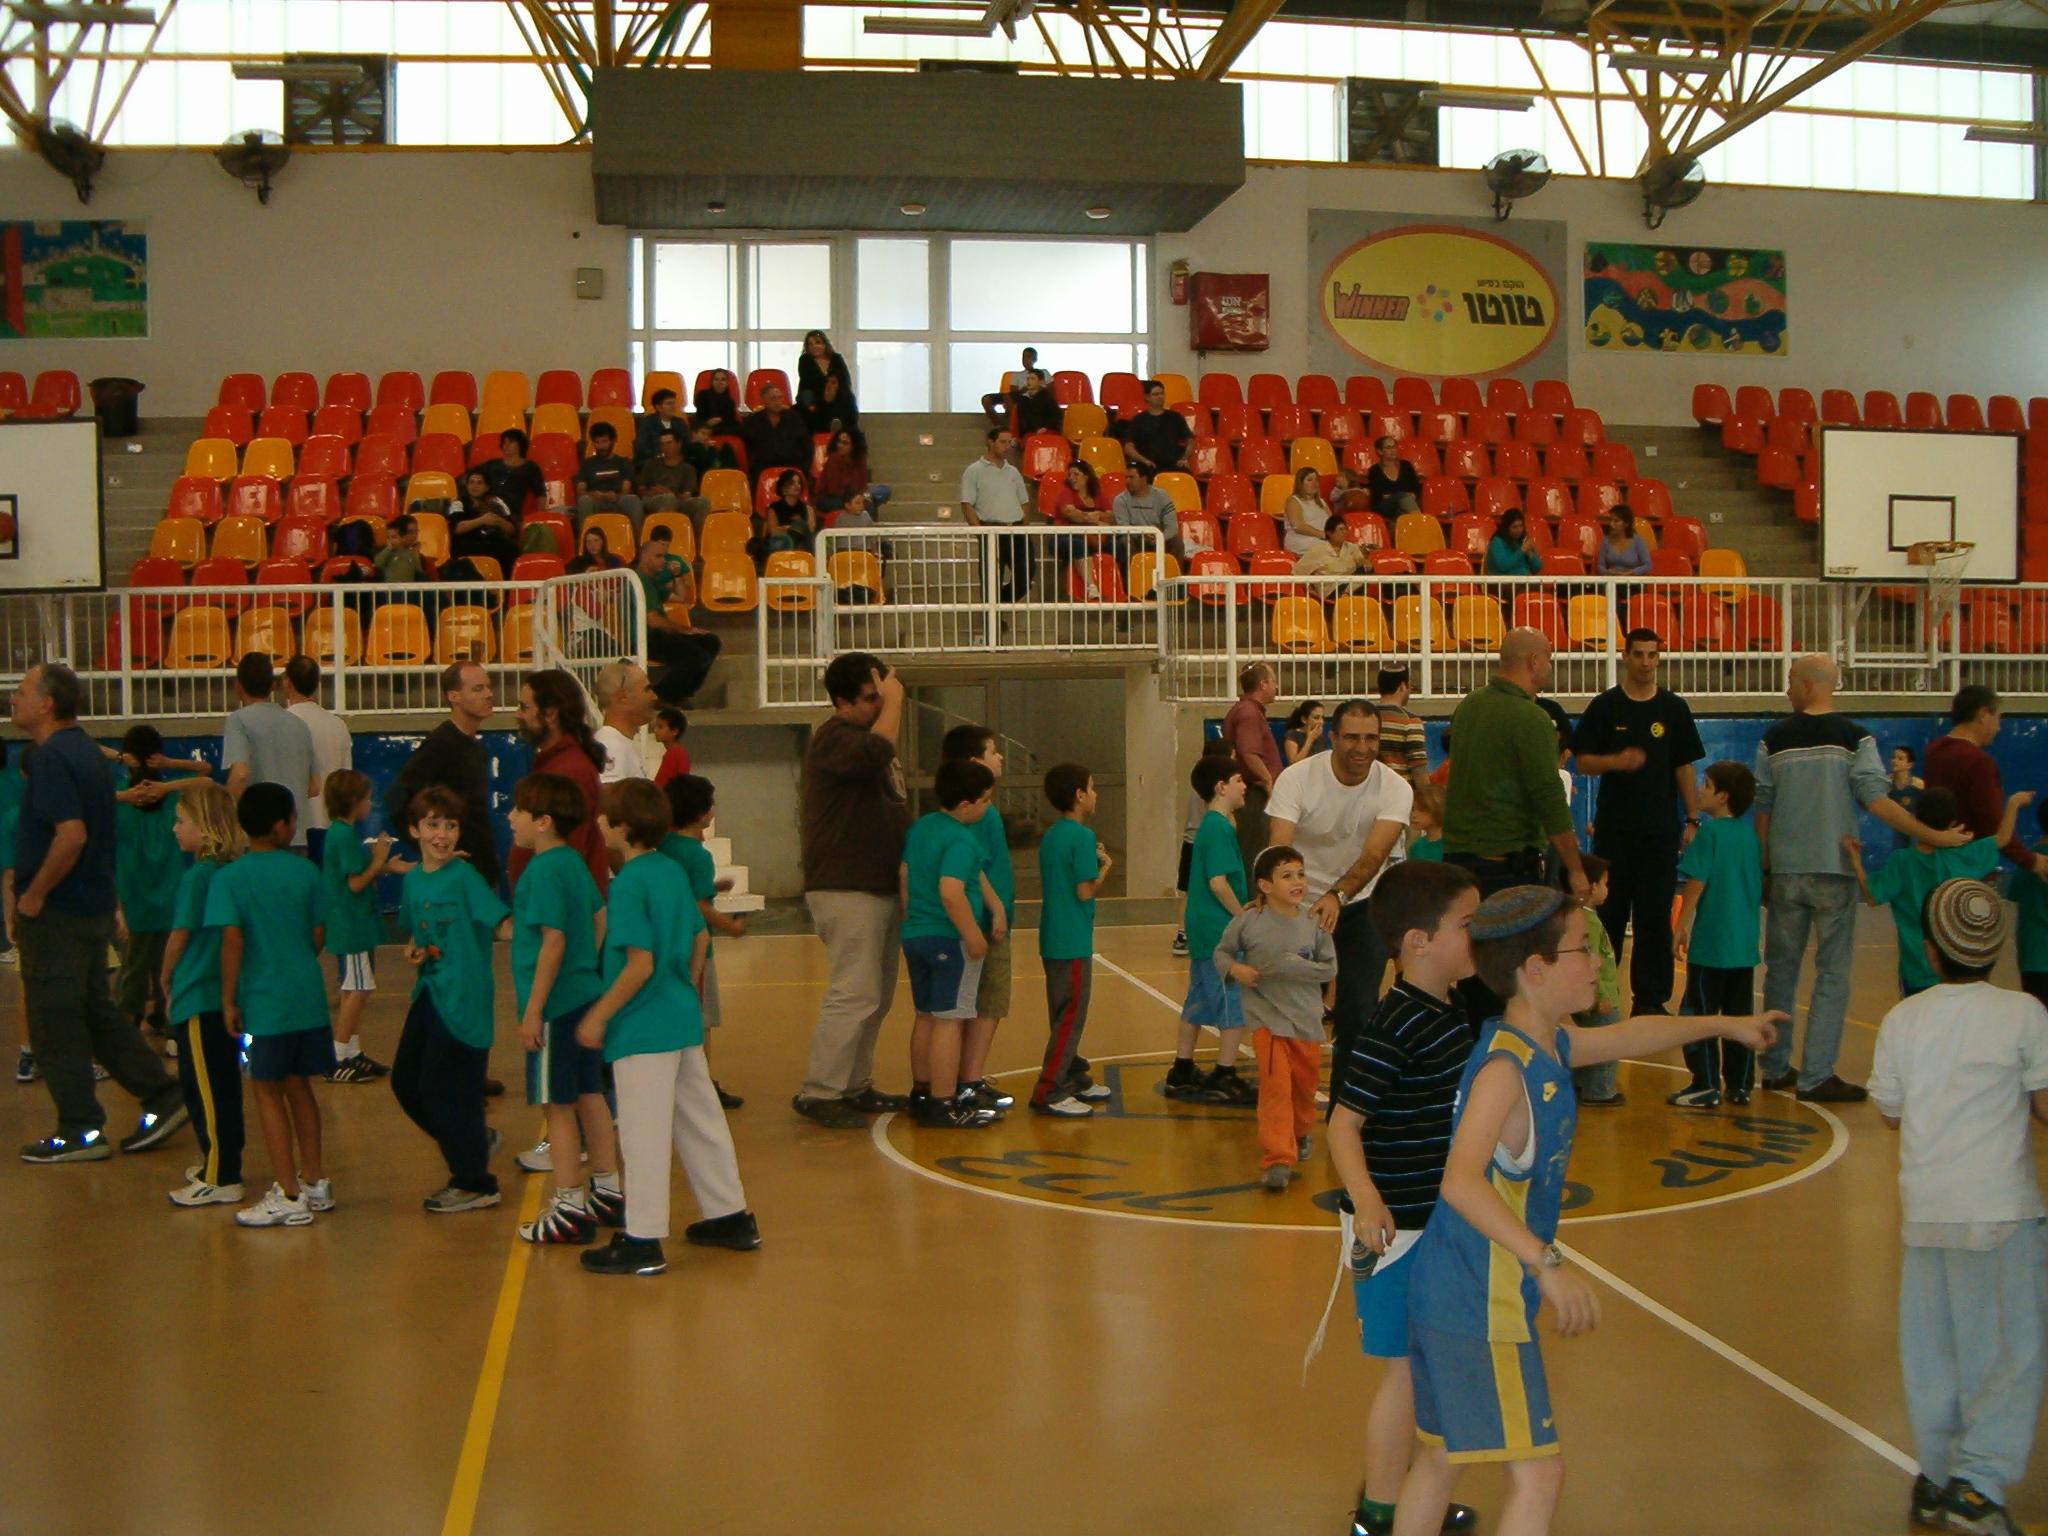 תחרויות קליעה לסל - הורים וילדים